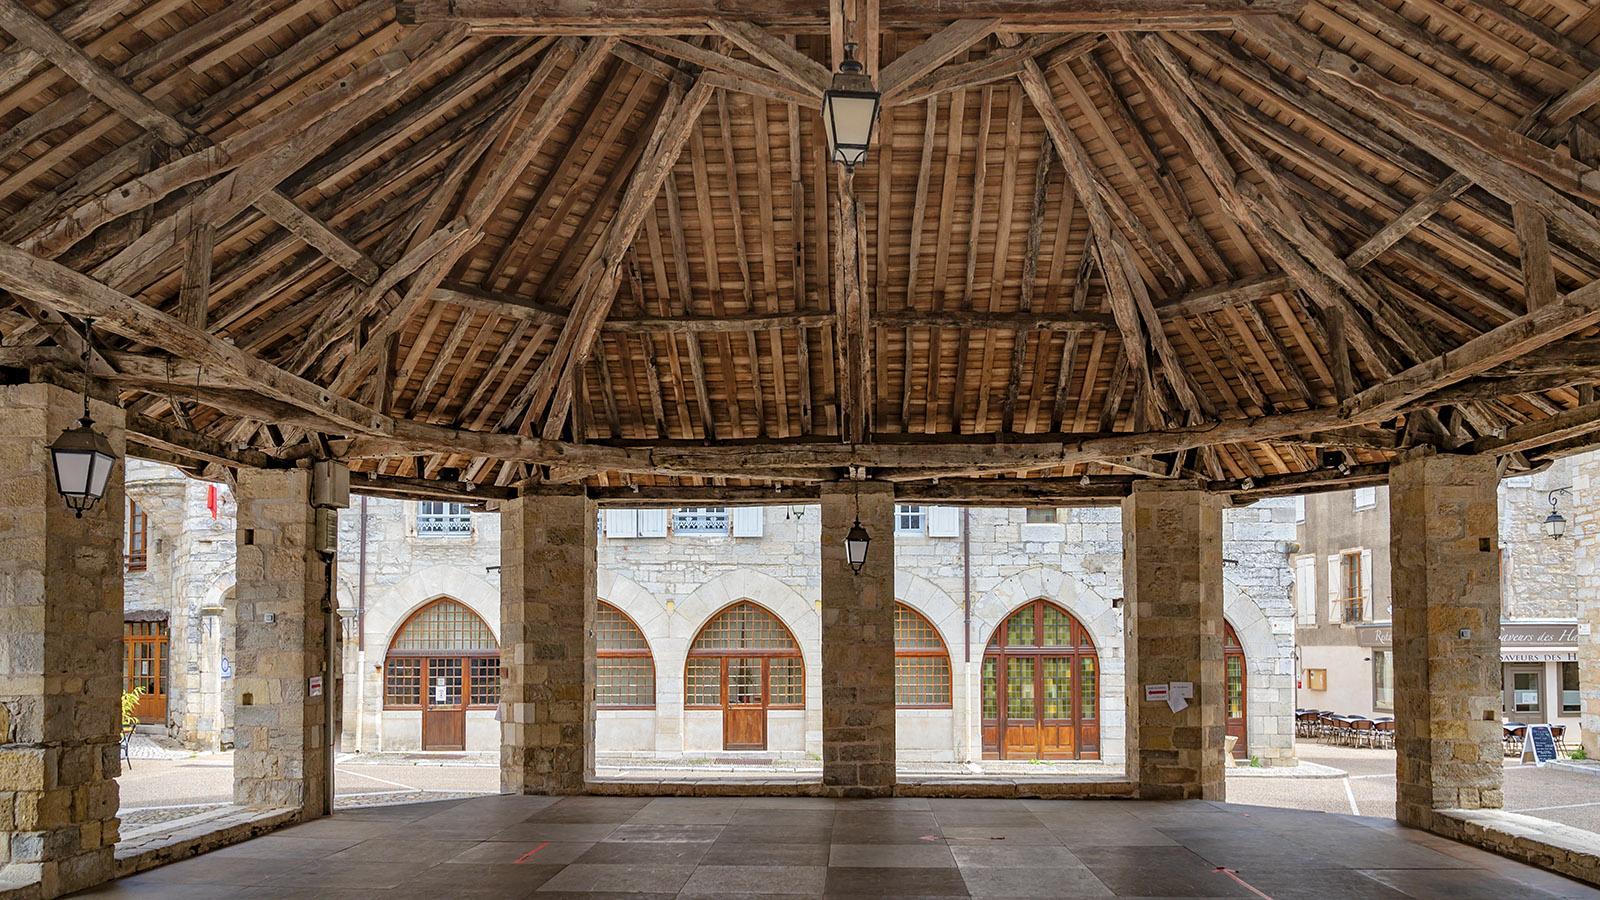 Das eindrucksvolle Holzdach der Markthalle. Foto: Hilke Maunder